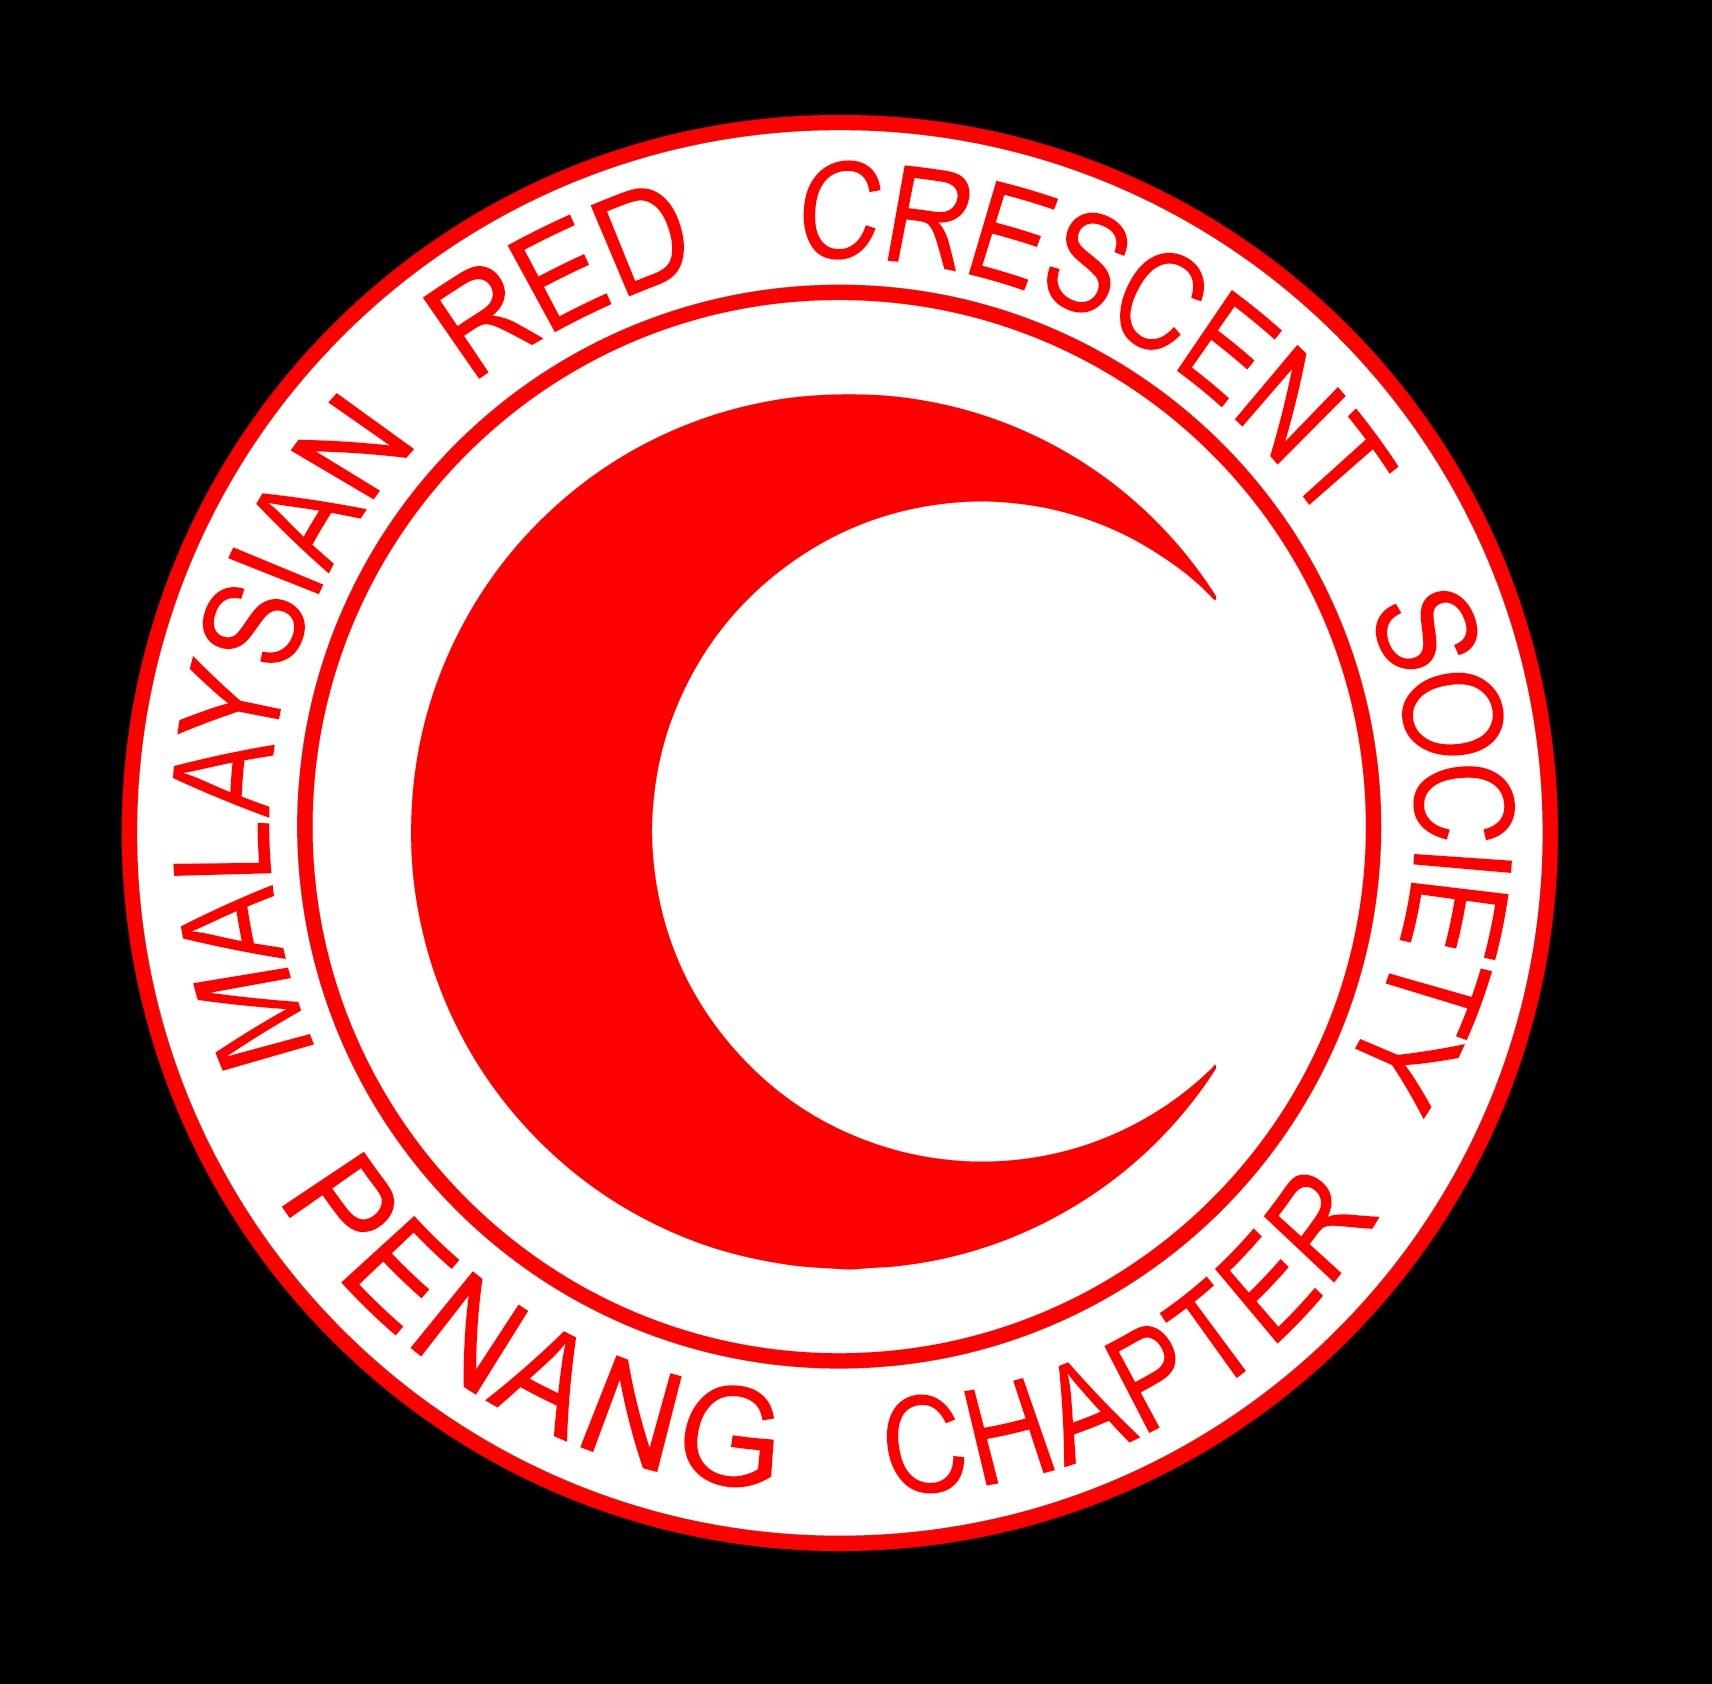 Malaysian Red Crescent Society Penang (MRCS)